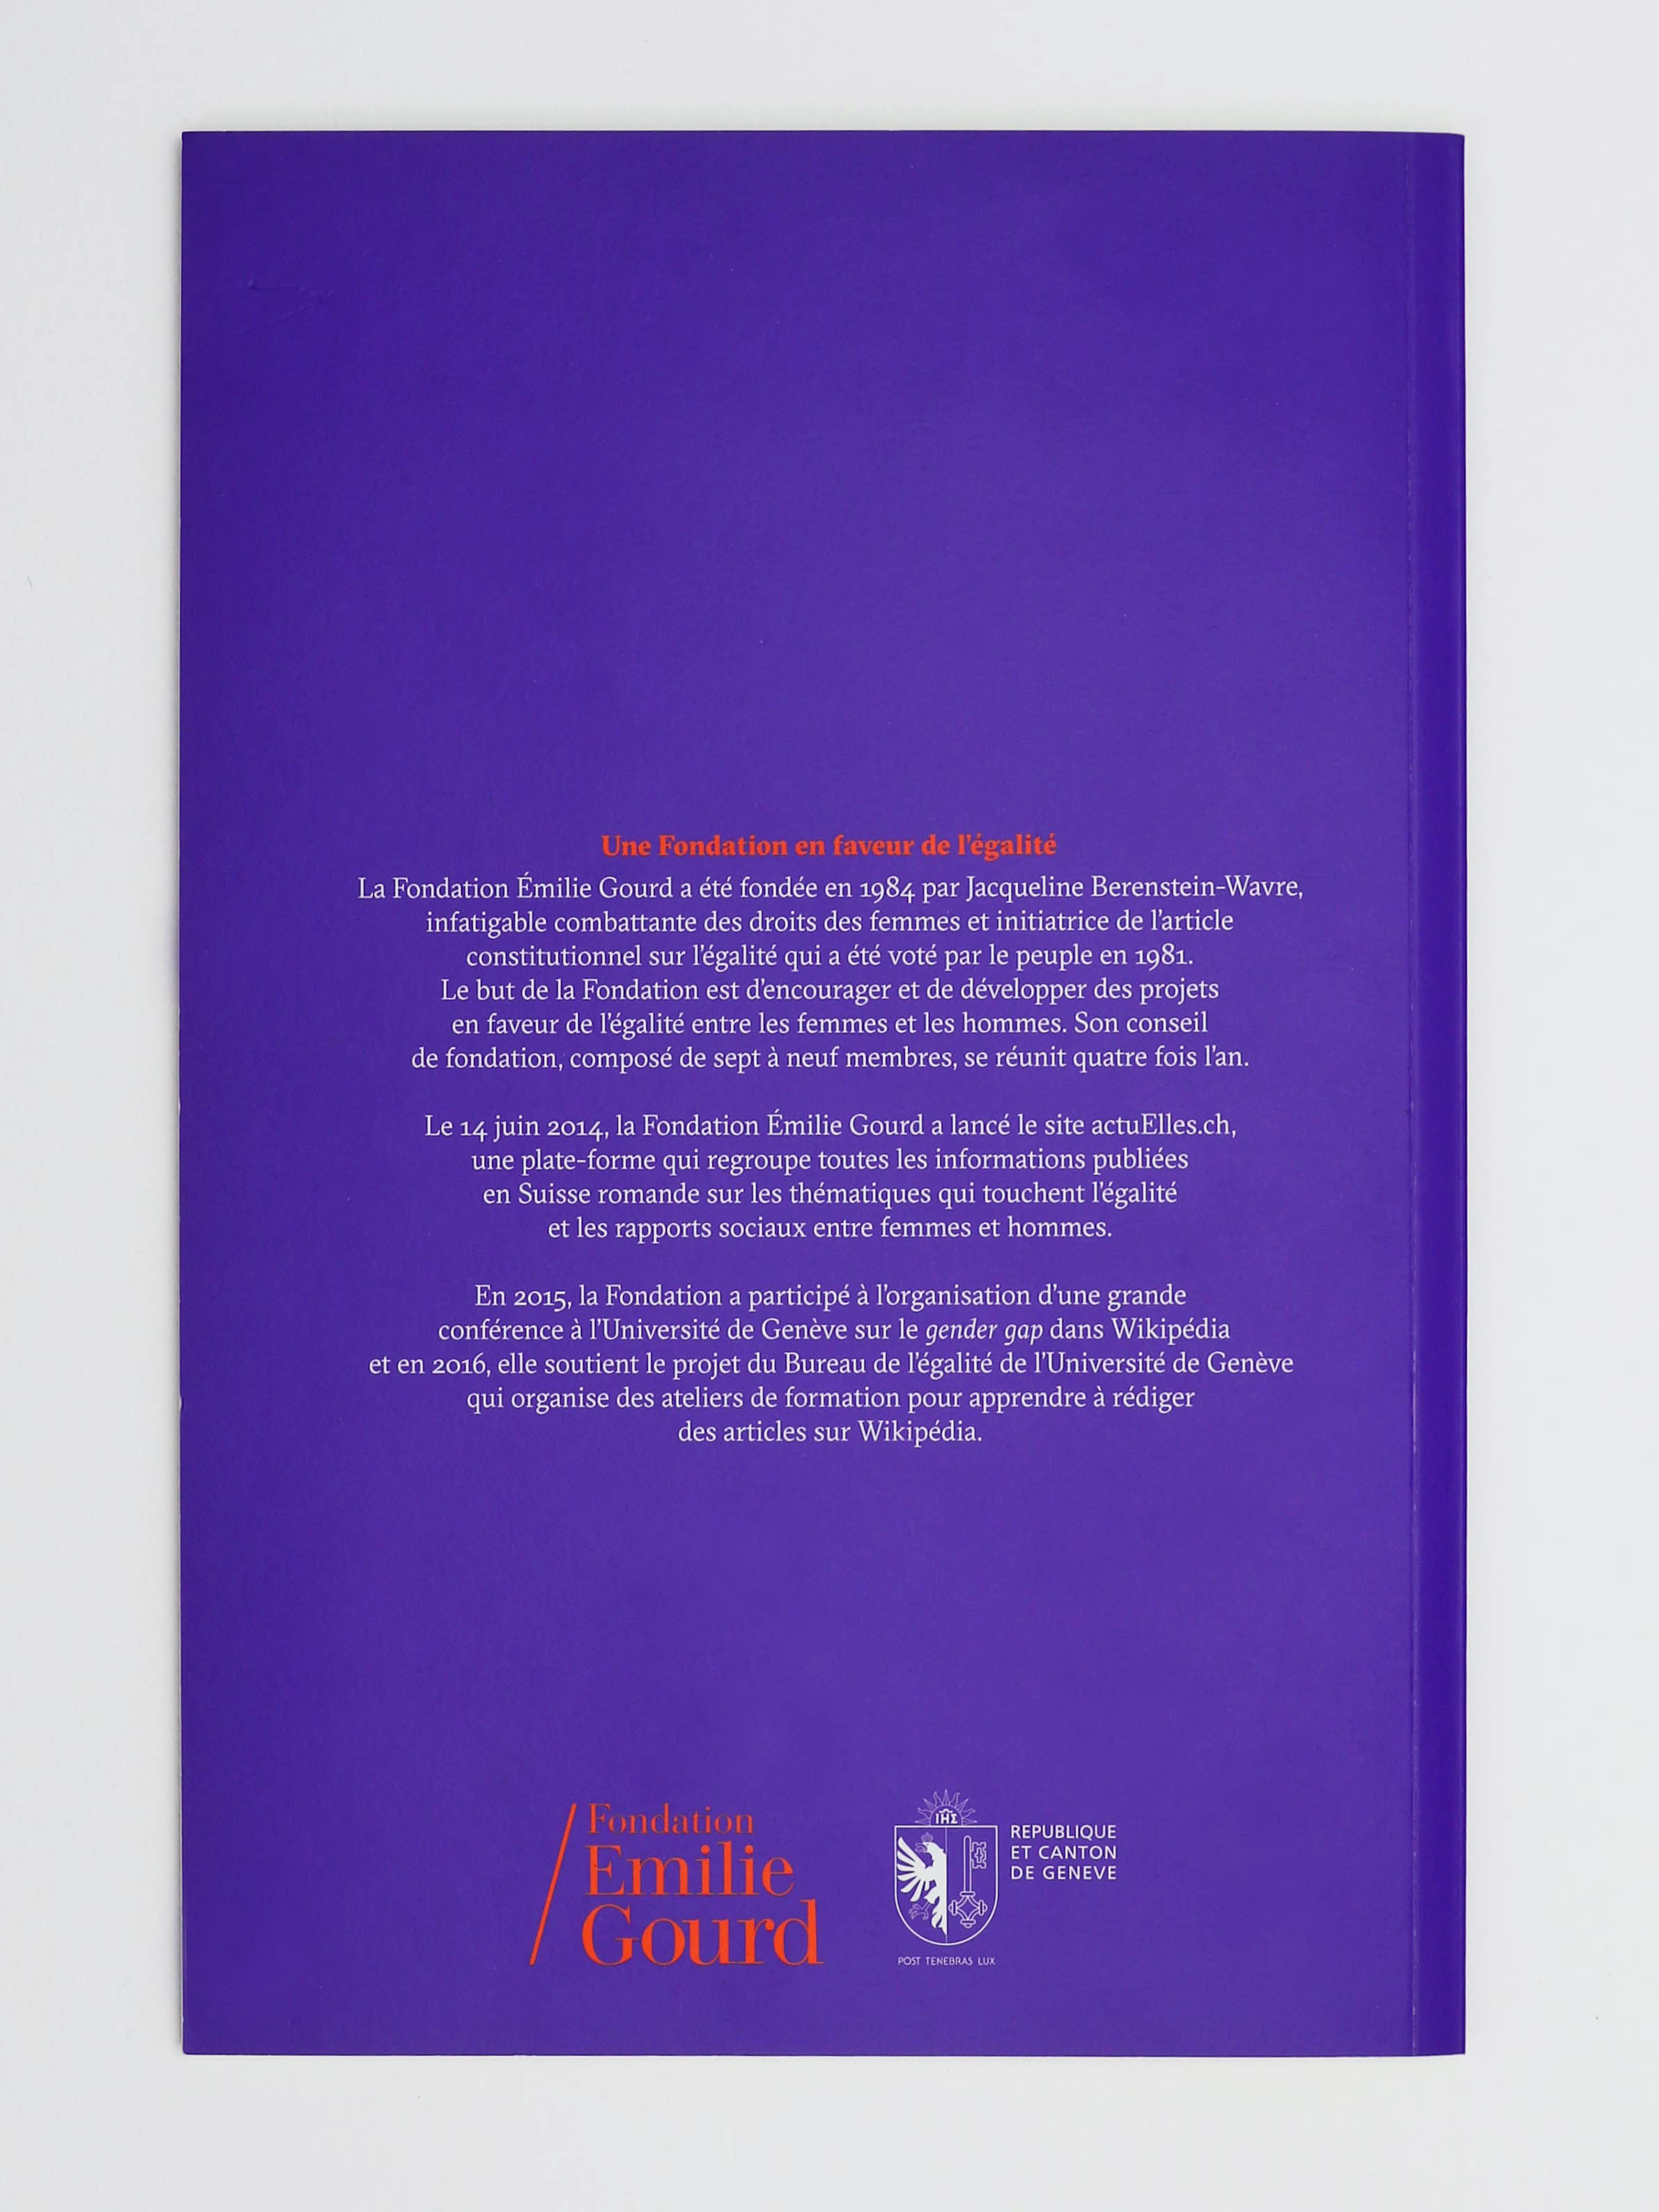 Quatrième de couverture de la brochure commémorative des 5 ans du Prix Emilie Gourd avec les logos de la Fondation Emilie Gourd et de la Republique et Canton de Genève